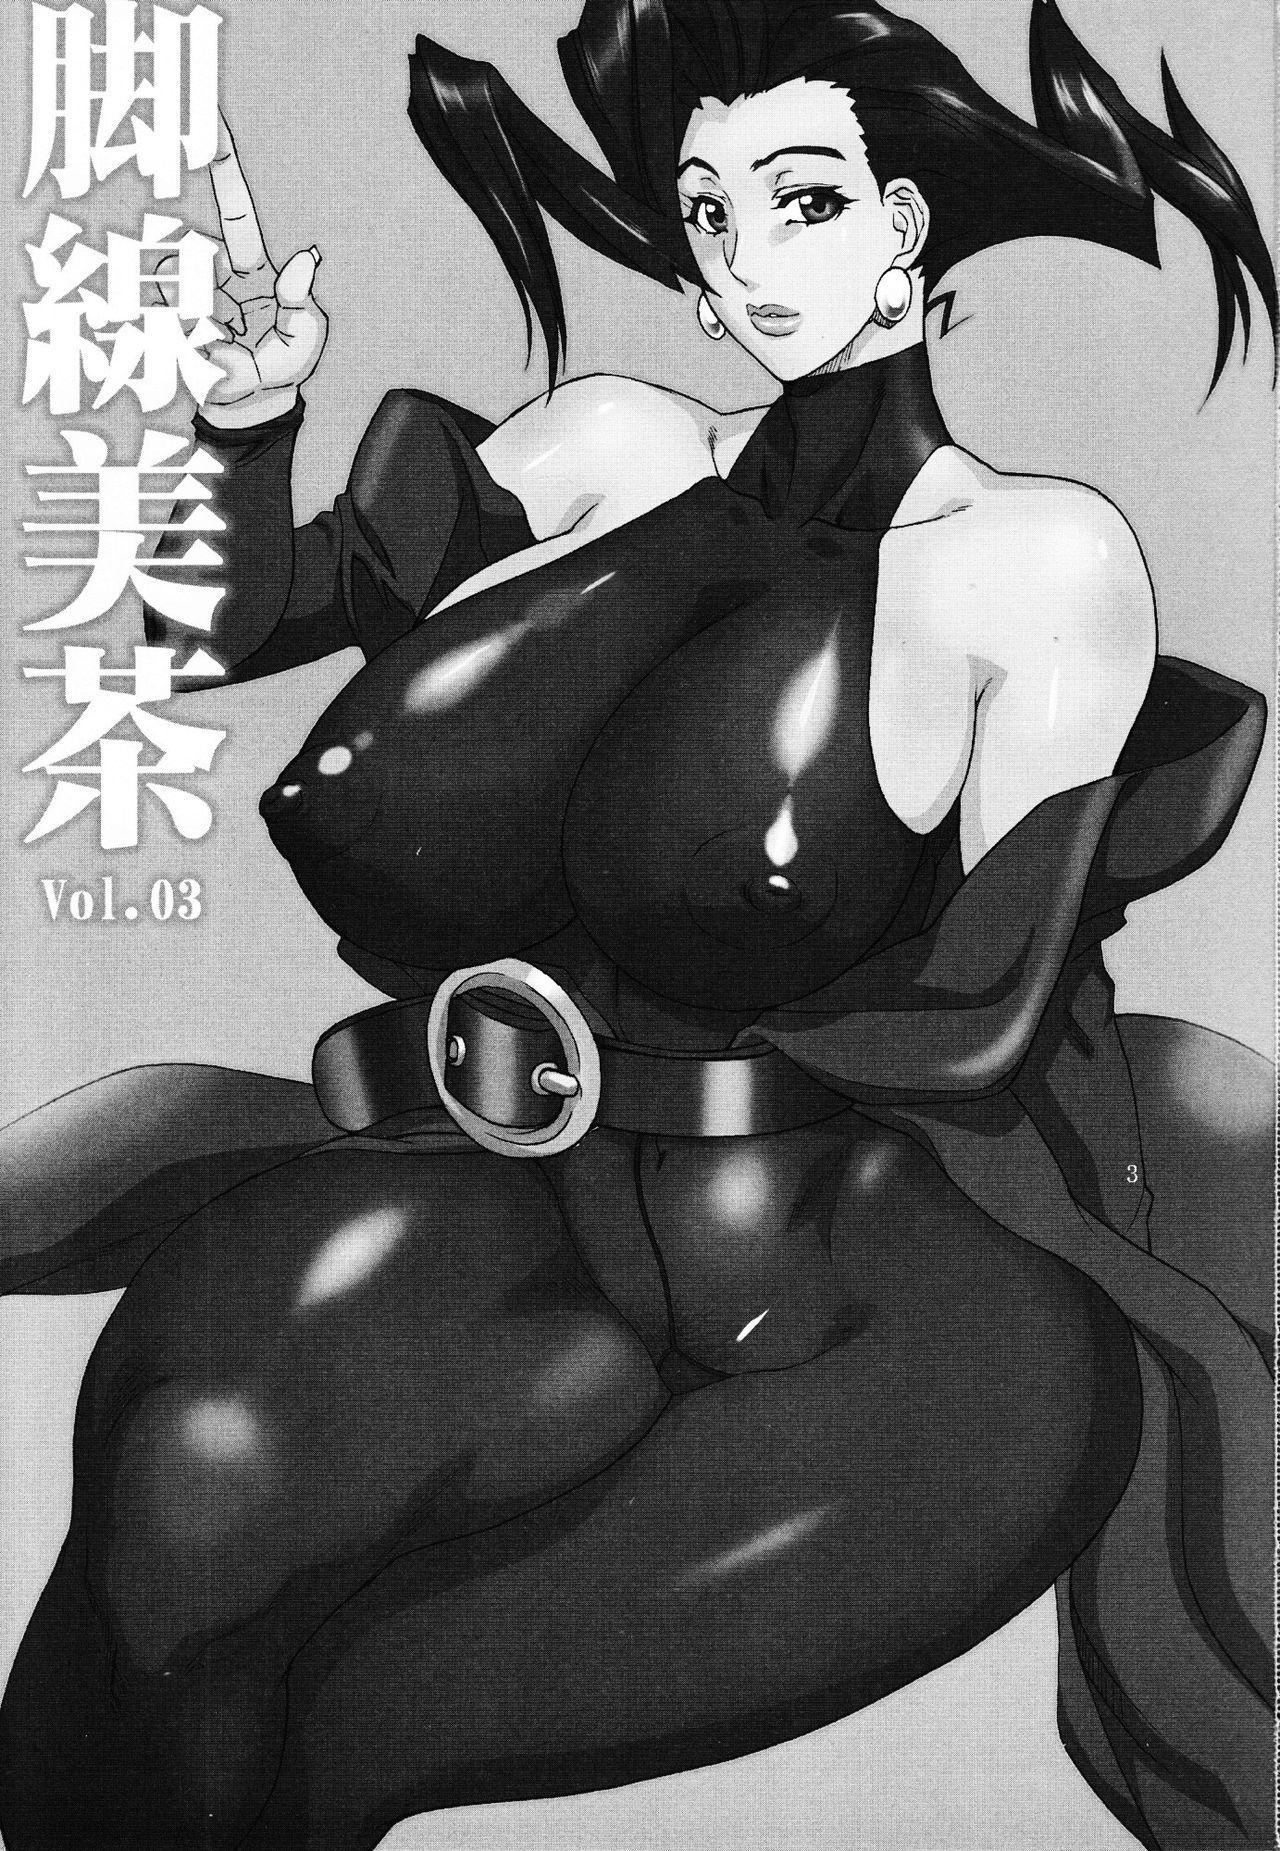 Kyakusenbi Cha Vol. 03 1